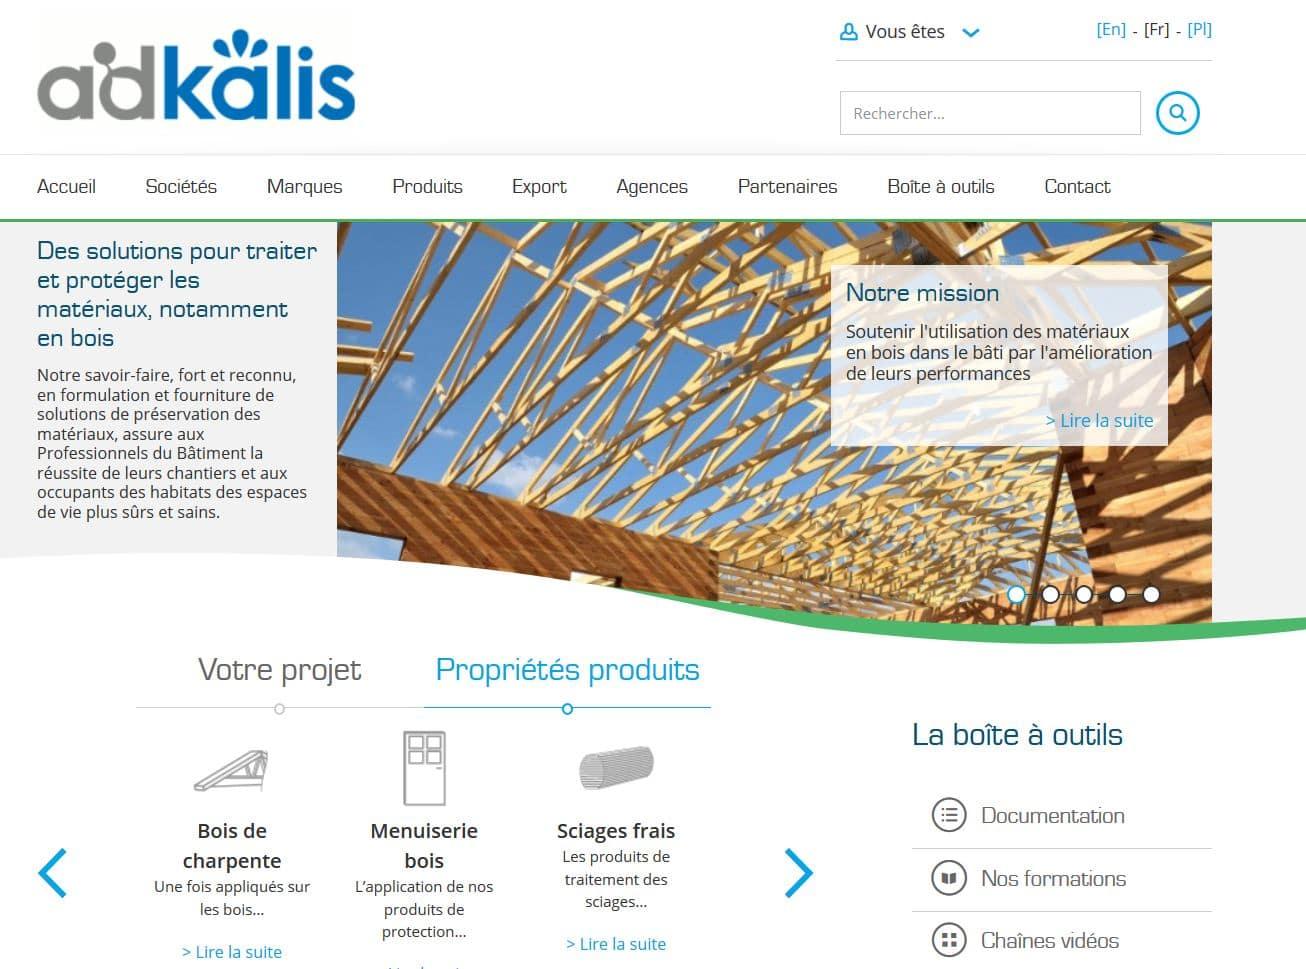 Adkalis, spécialiste des produits pour le traitement du bois